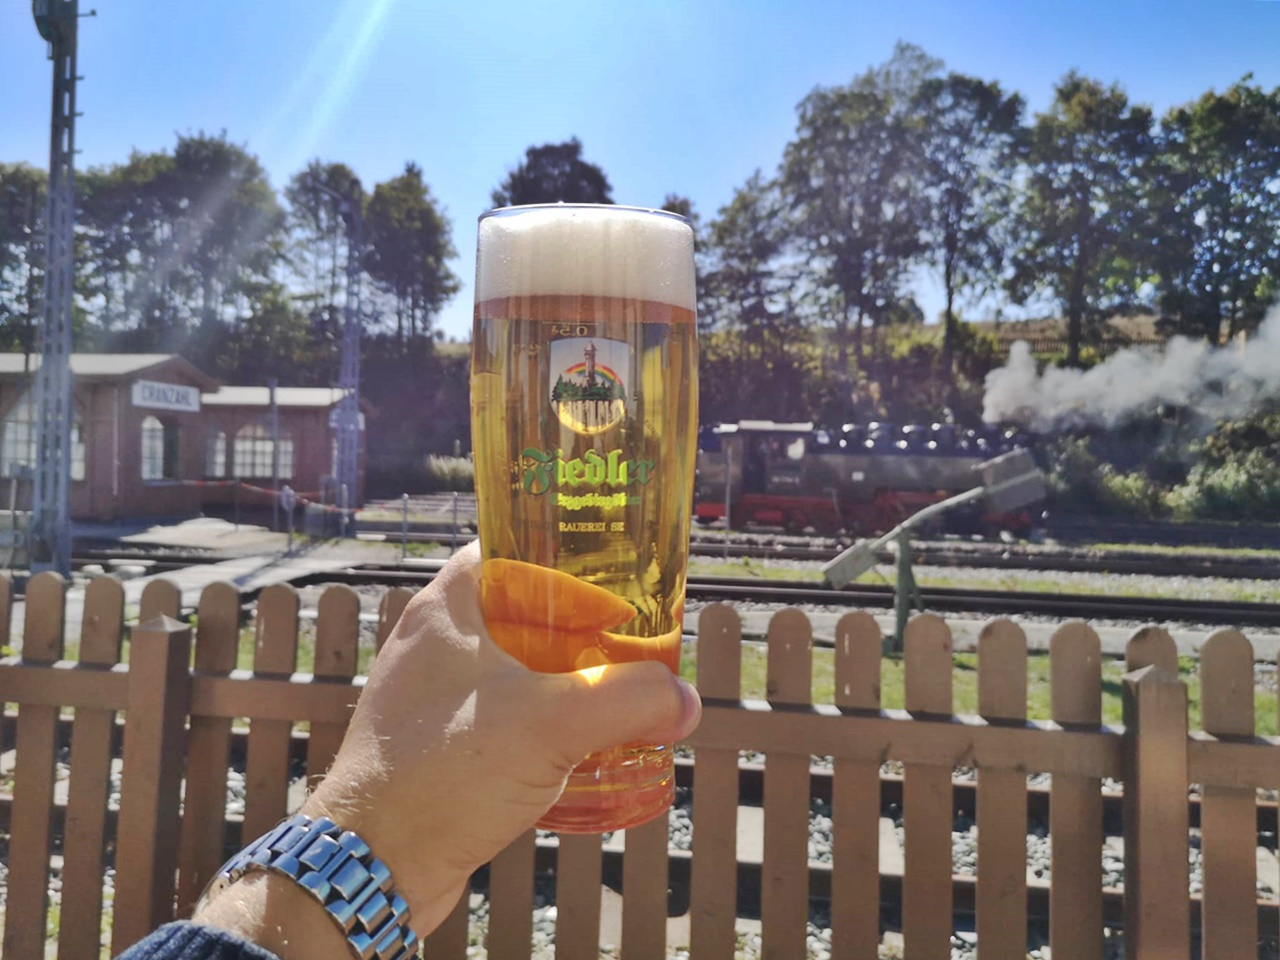 Kocsmázva utazni utazva kocsmázni - Szőr Levente, Sehmatal, Németország